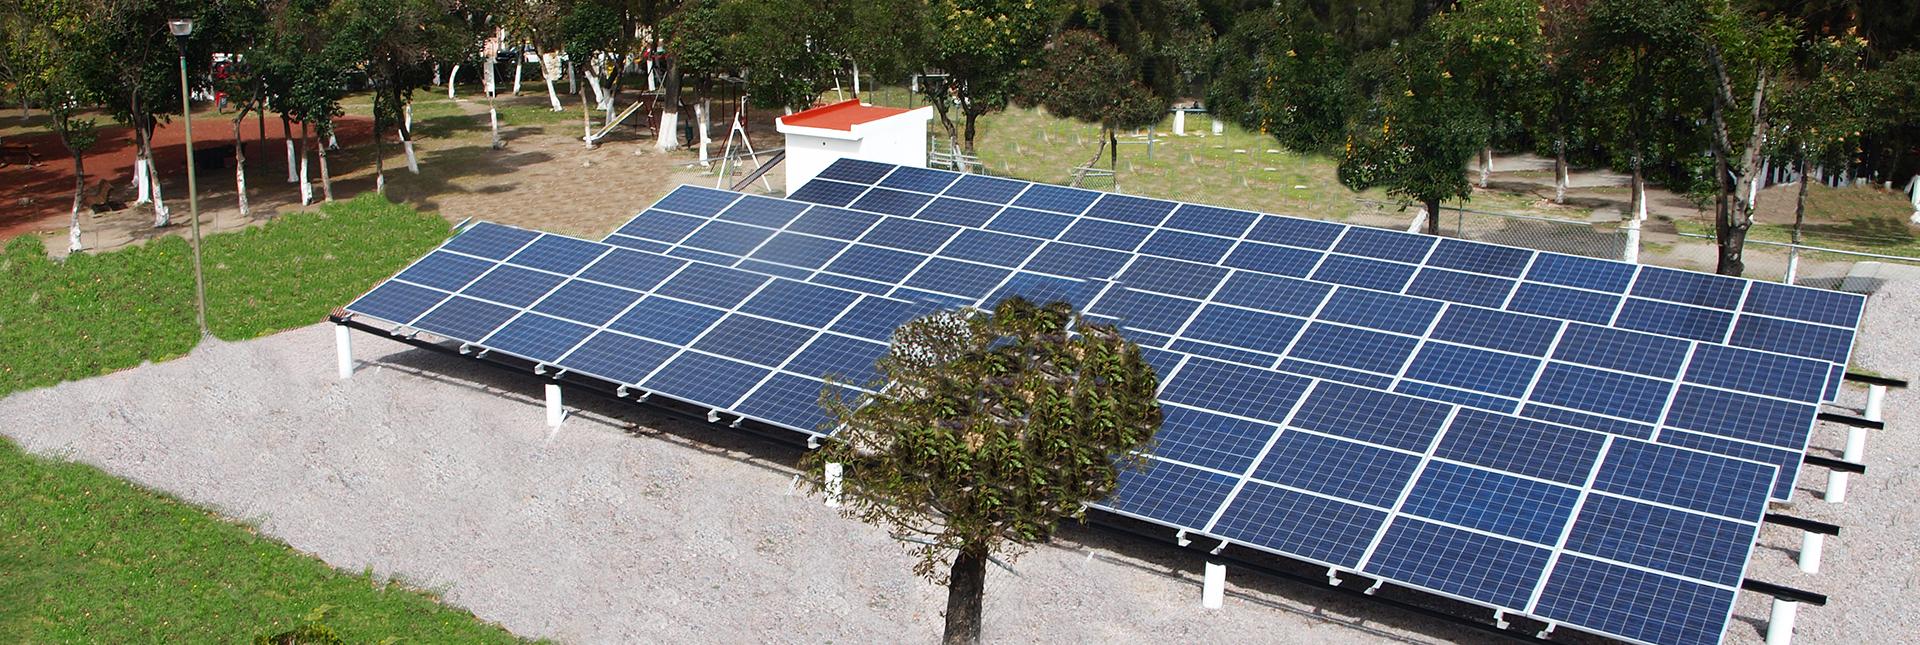 Desde kits residenciales hasta parques fotovoltaicos